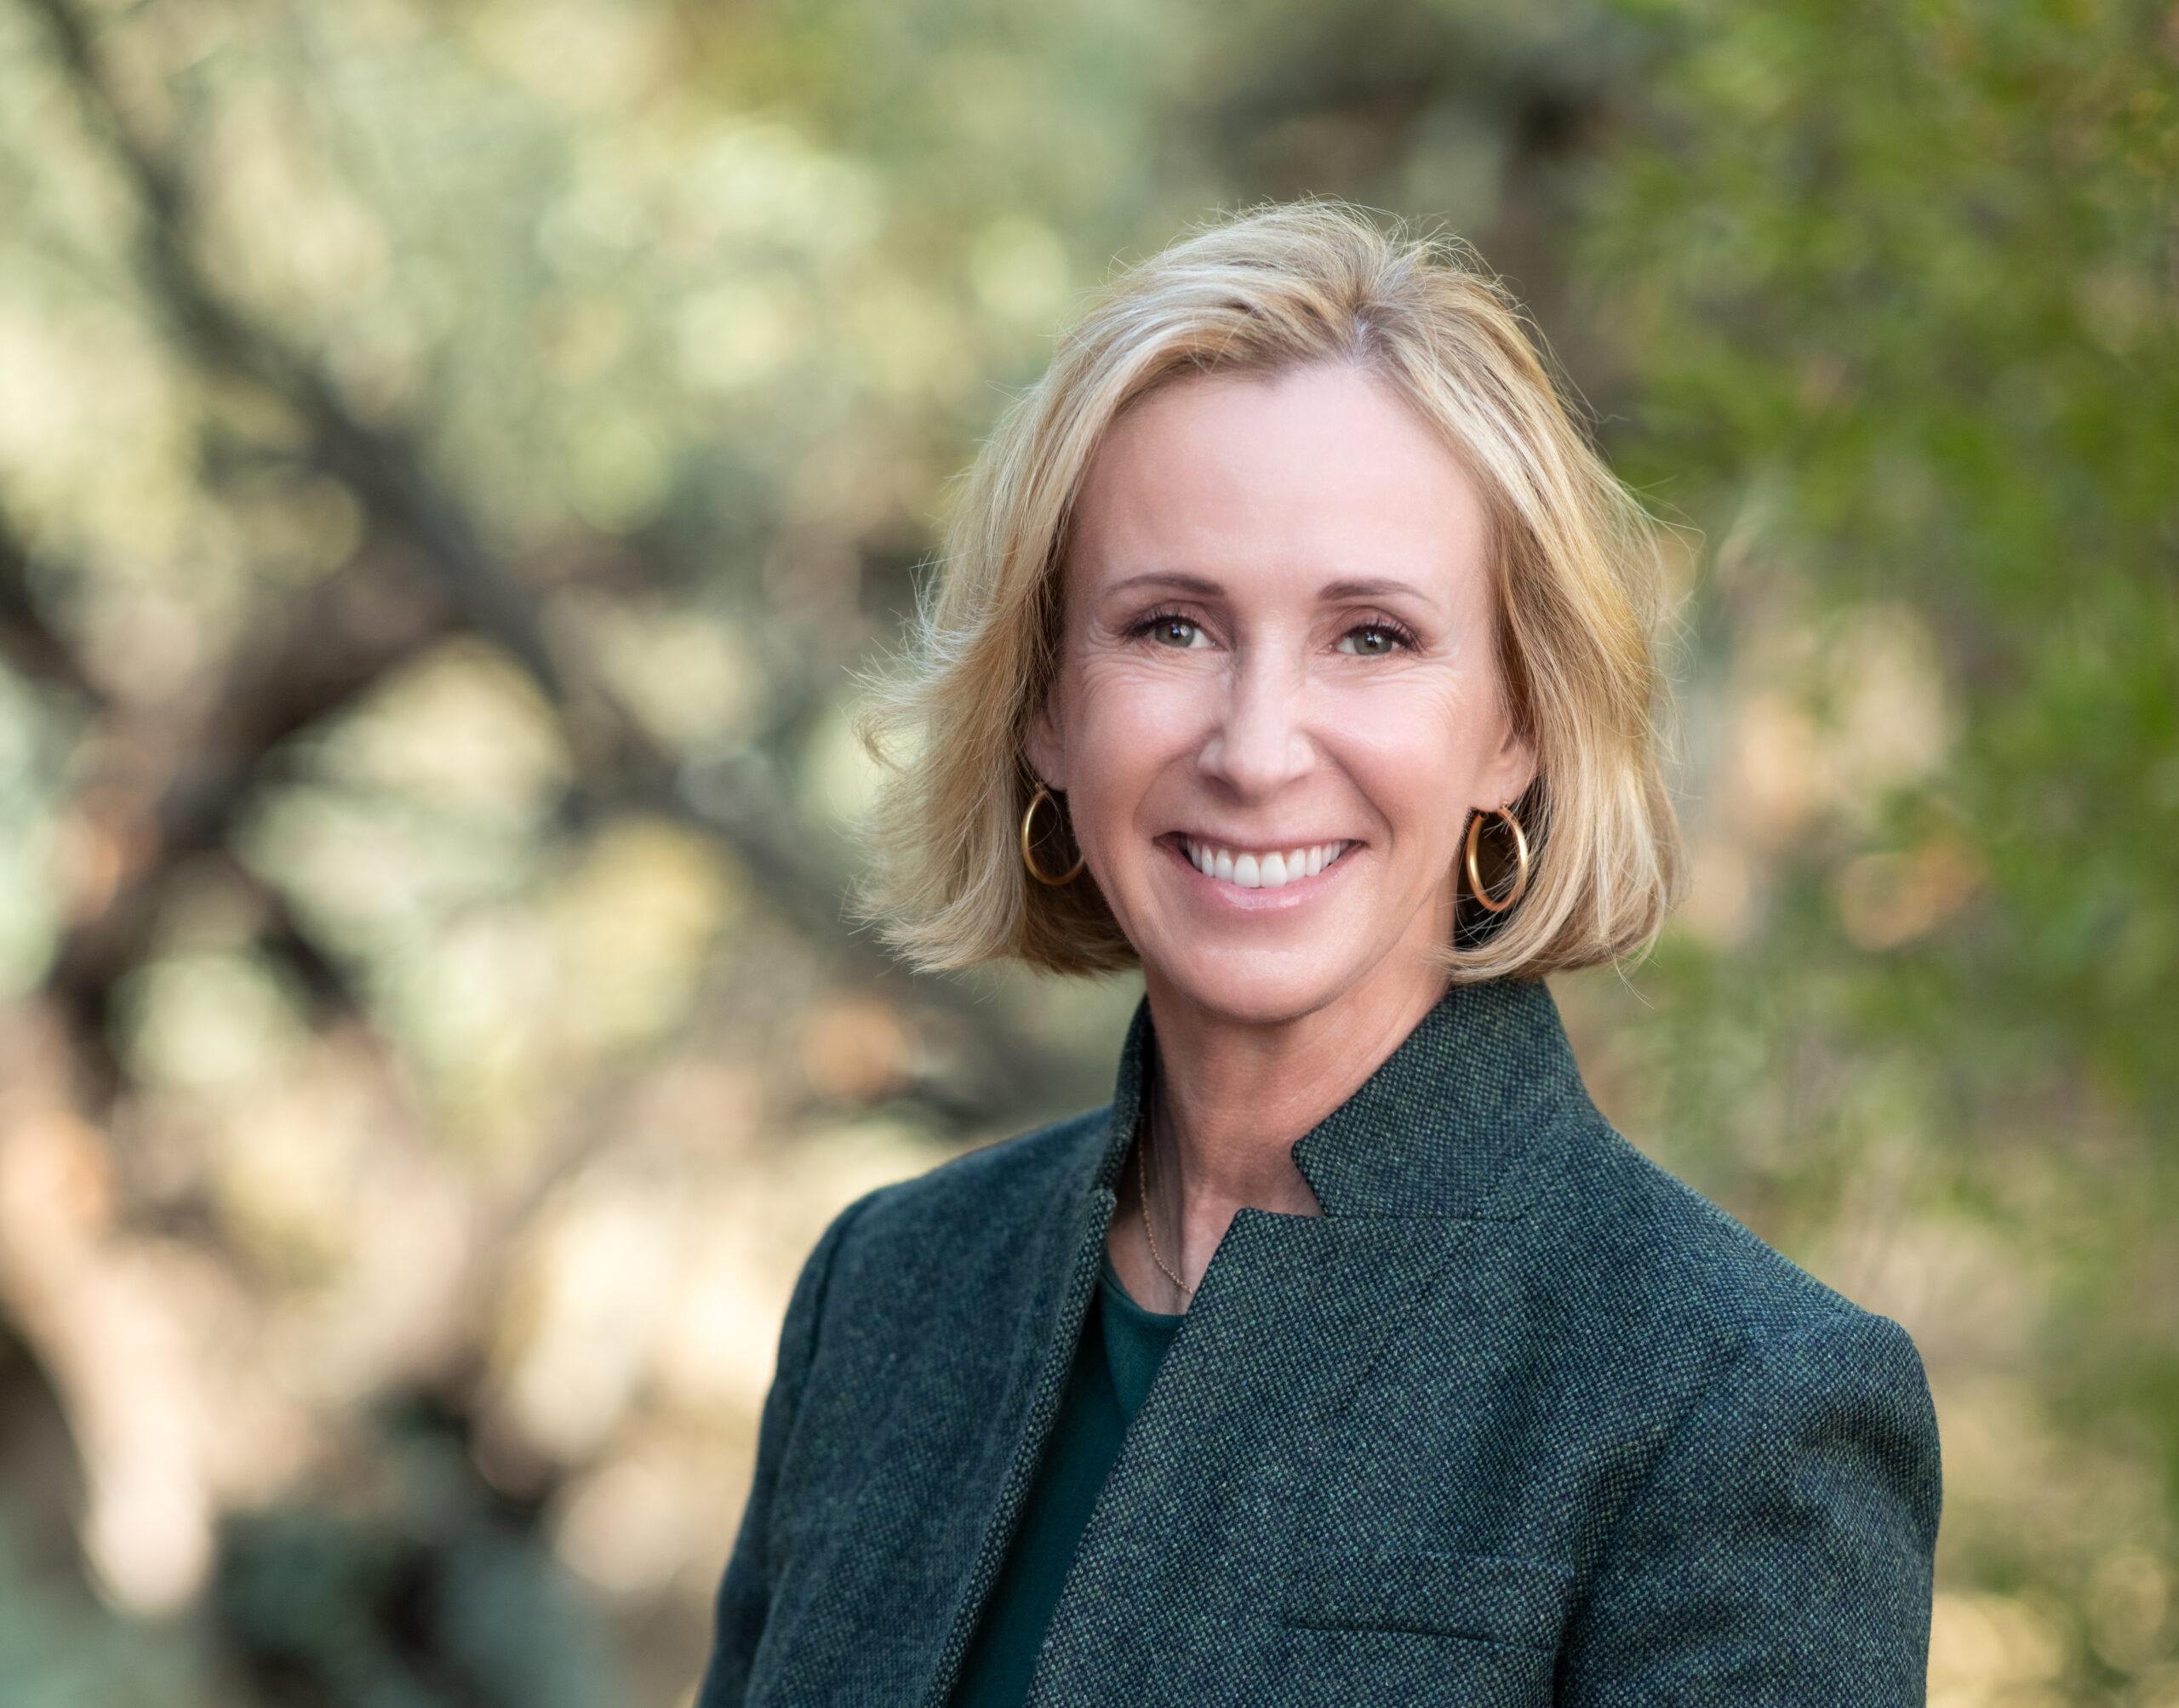 Kathryn Blackwell